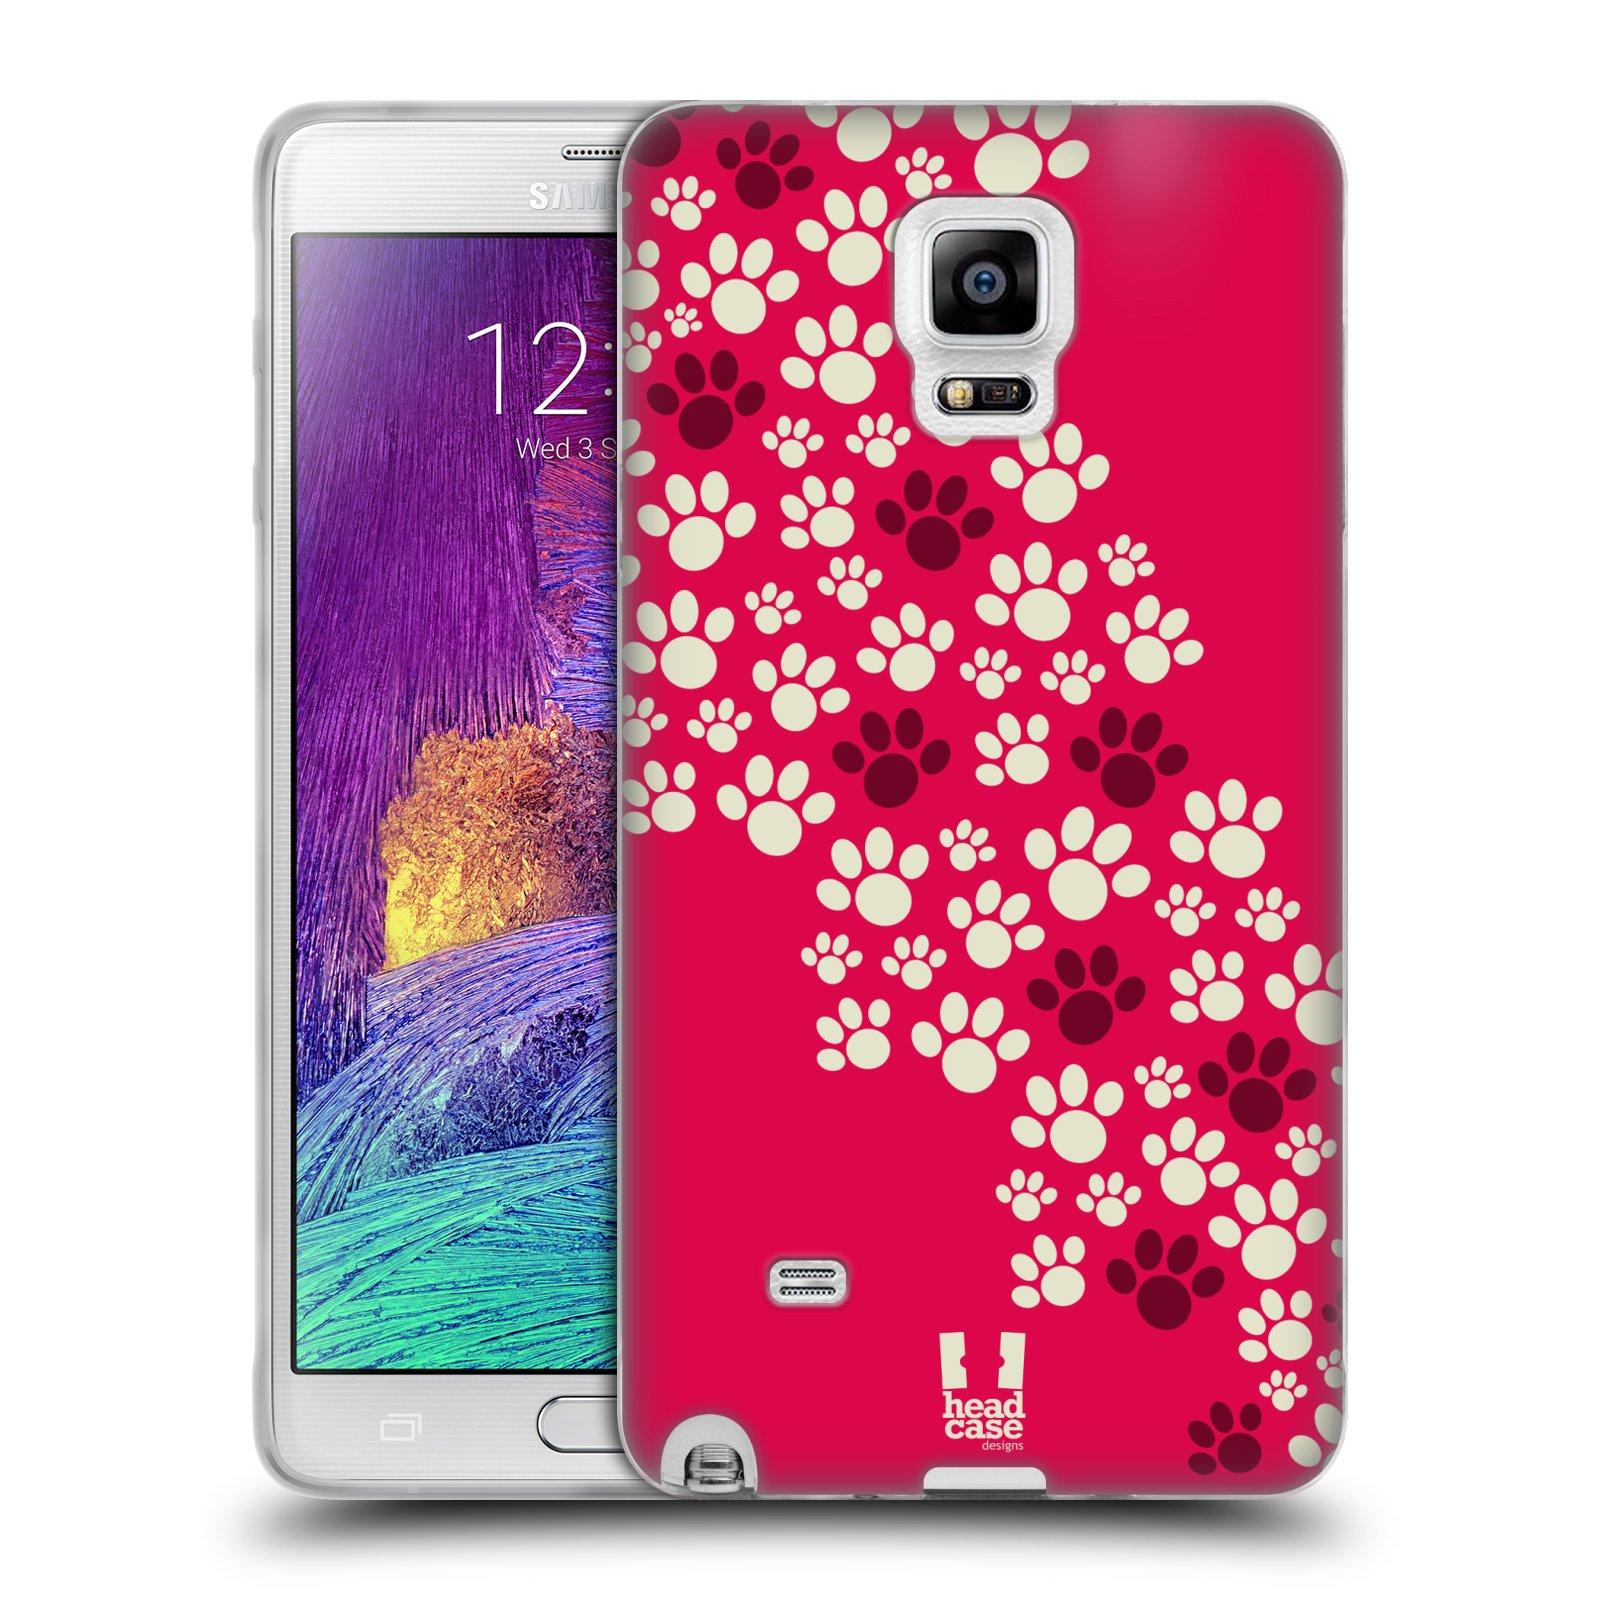 Silikonové pouzdro na mobil Samsung Galaxy Note 4 HEAD CASE TLAPKY RŮŽOVÉ (Silikonový kryt či obal na mobilní telefon Samsung Galaxy Note 4 SM-N910F)